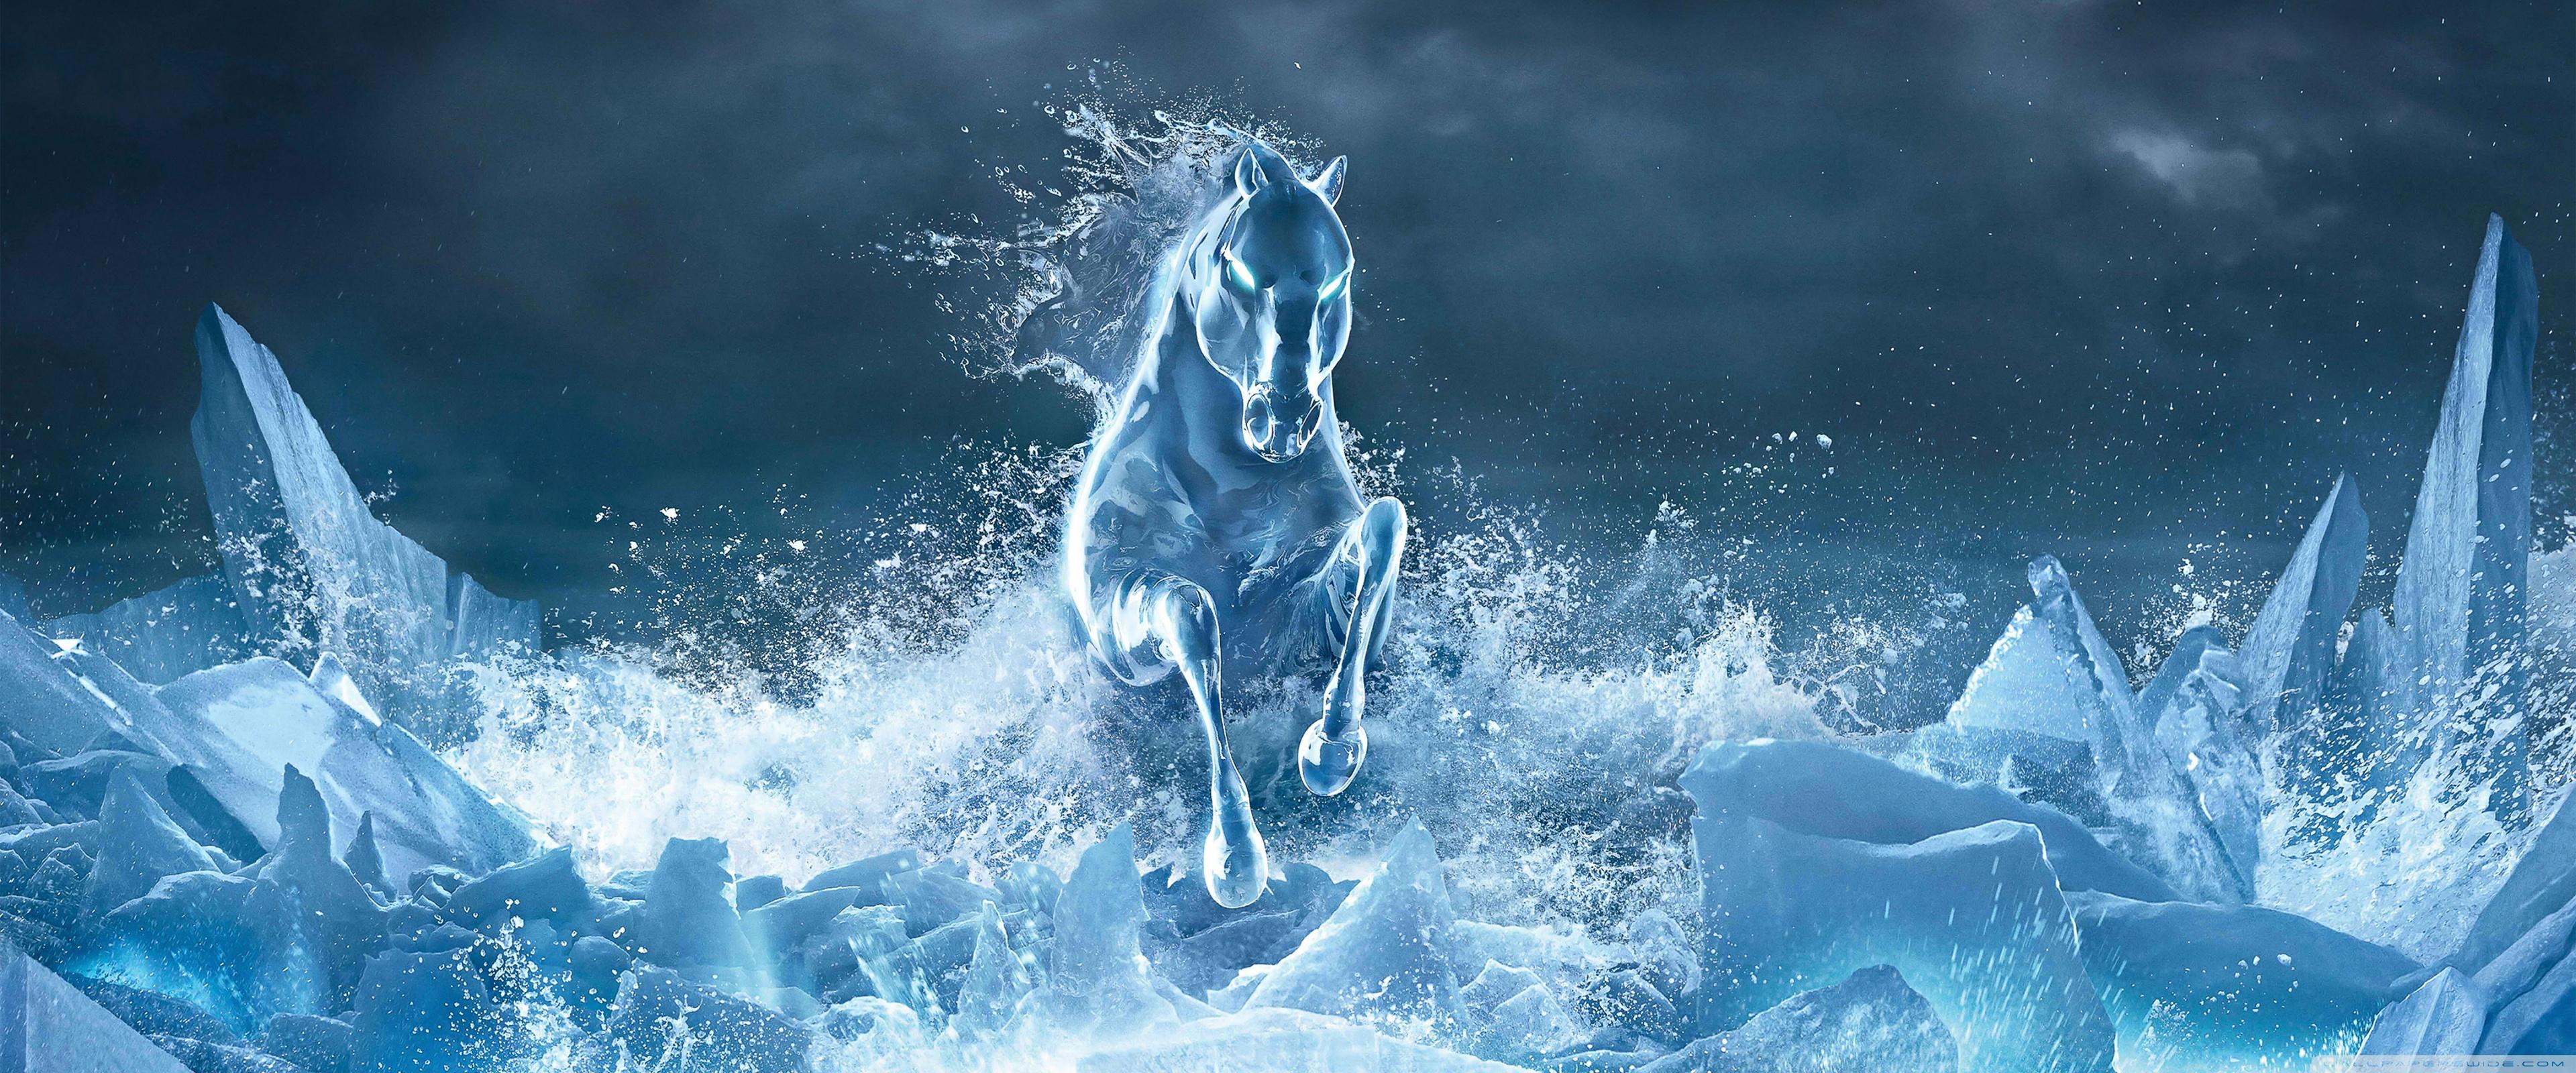 Frozen 2 3840x1600 Download Hd Wallpaper Wallpapertip